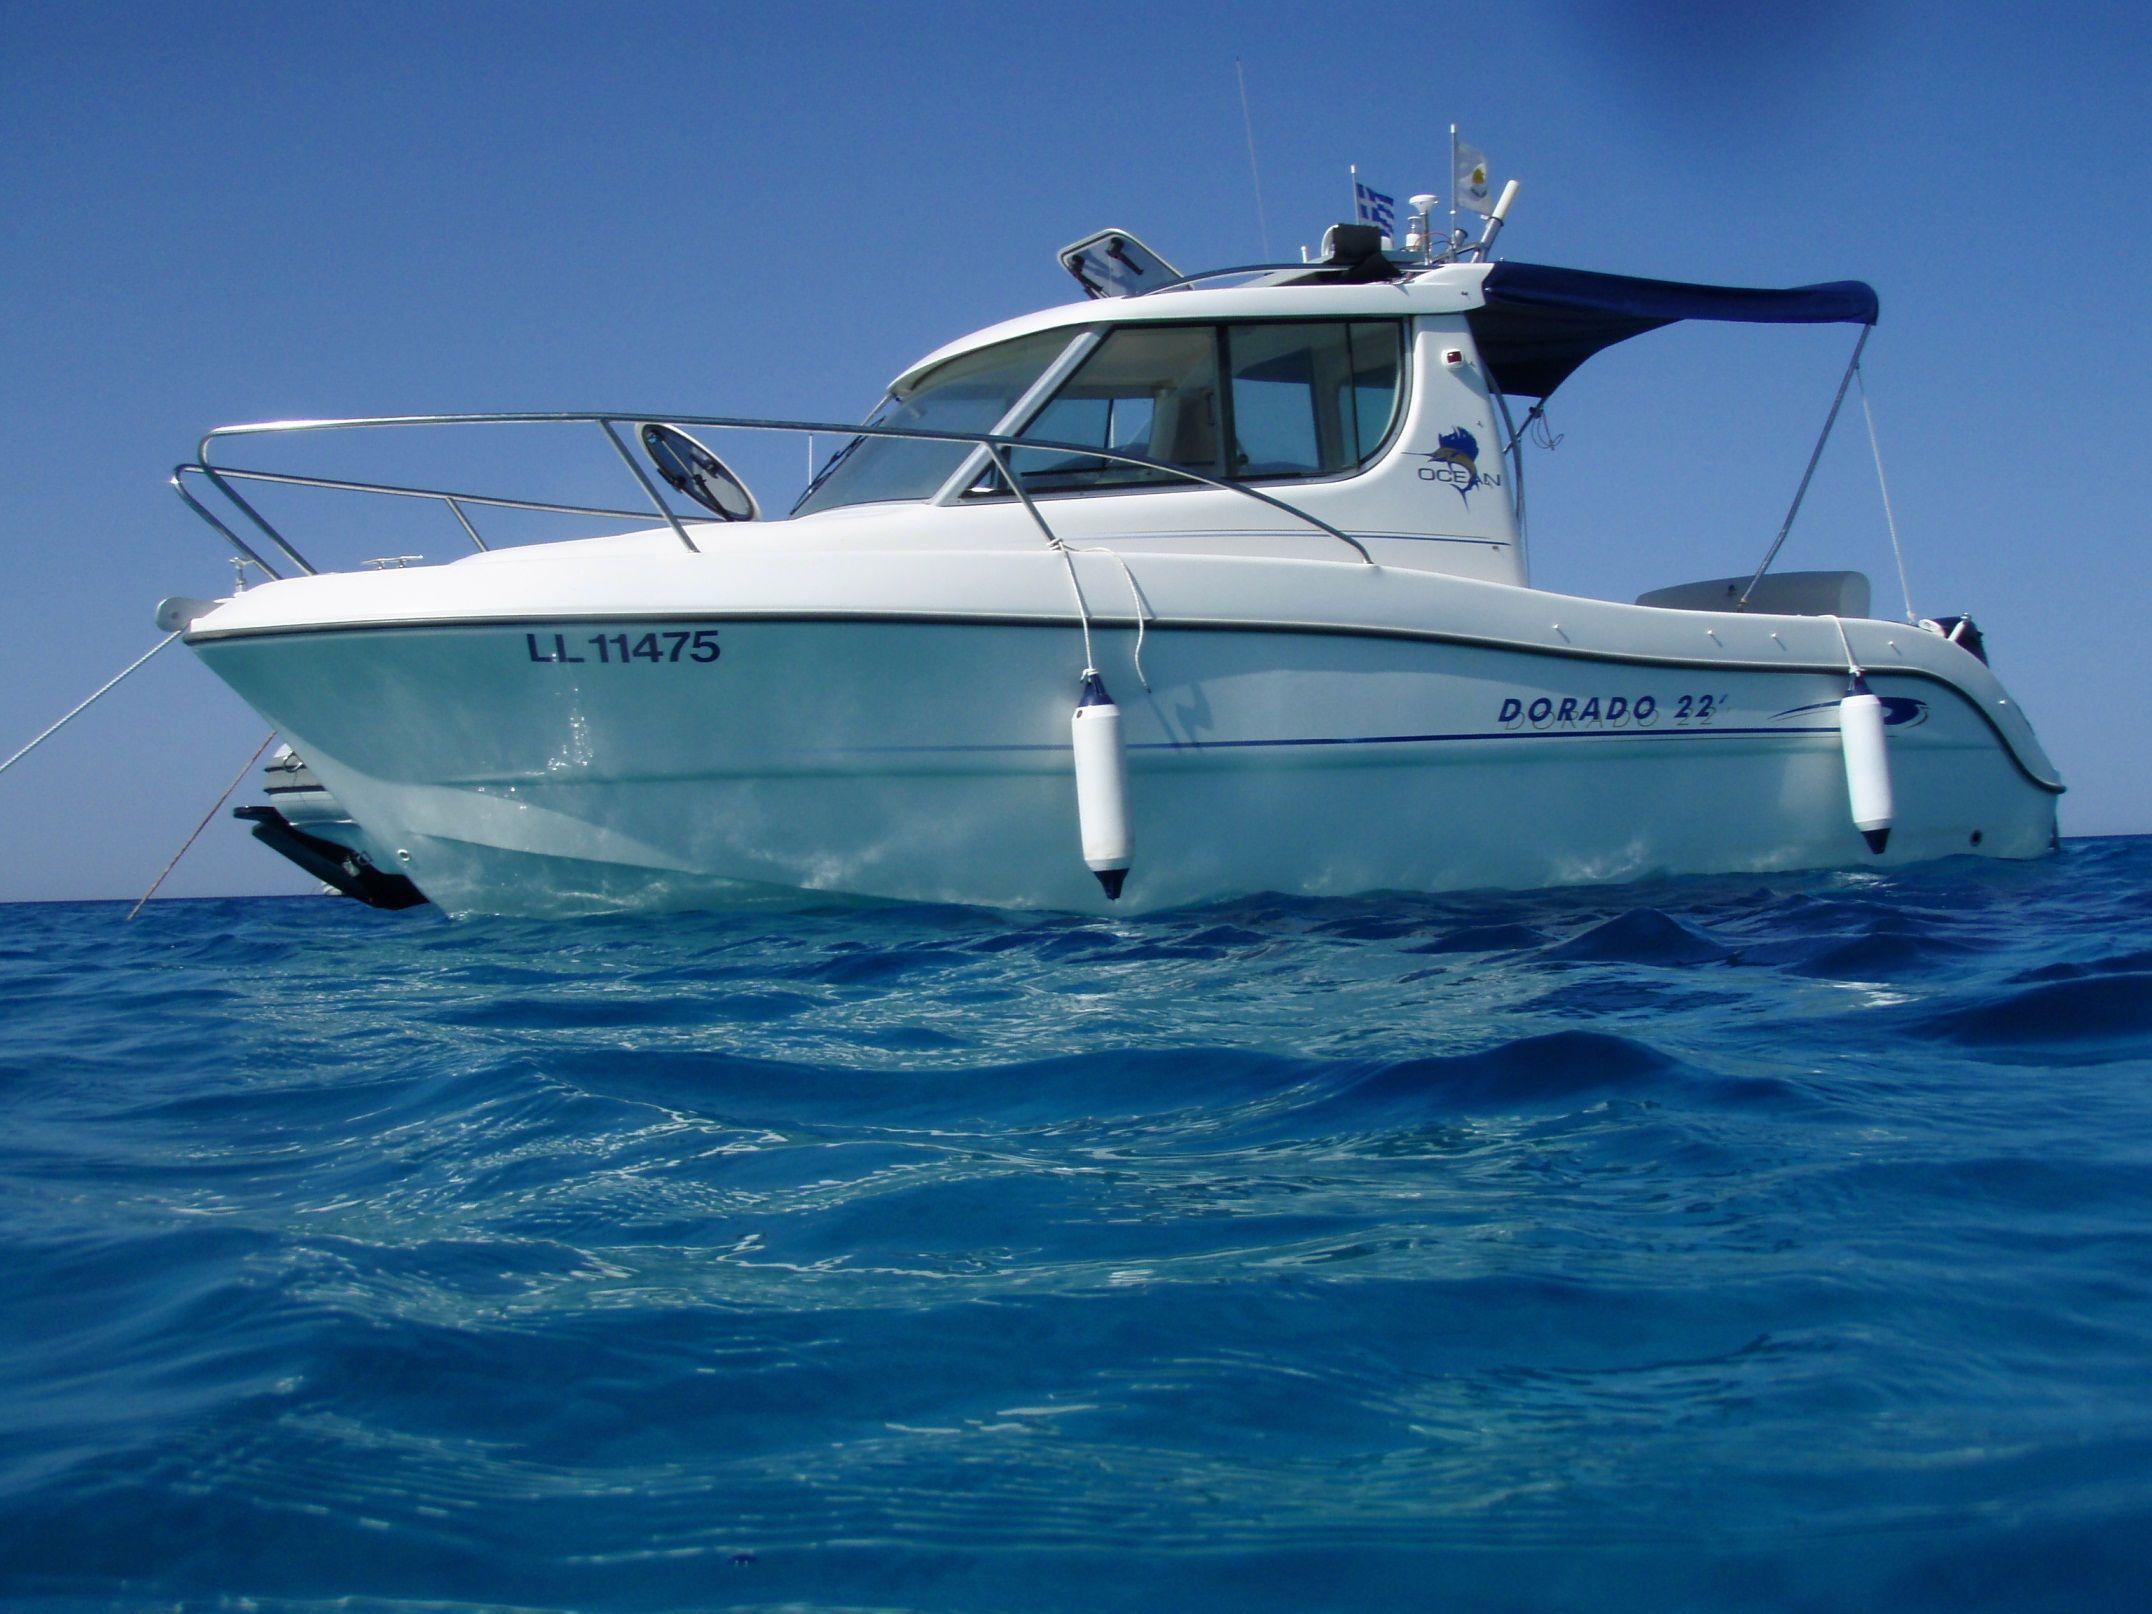 2004 Sessa Marine Dorado 22 Power Boat For Sale Www